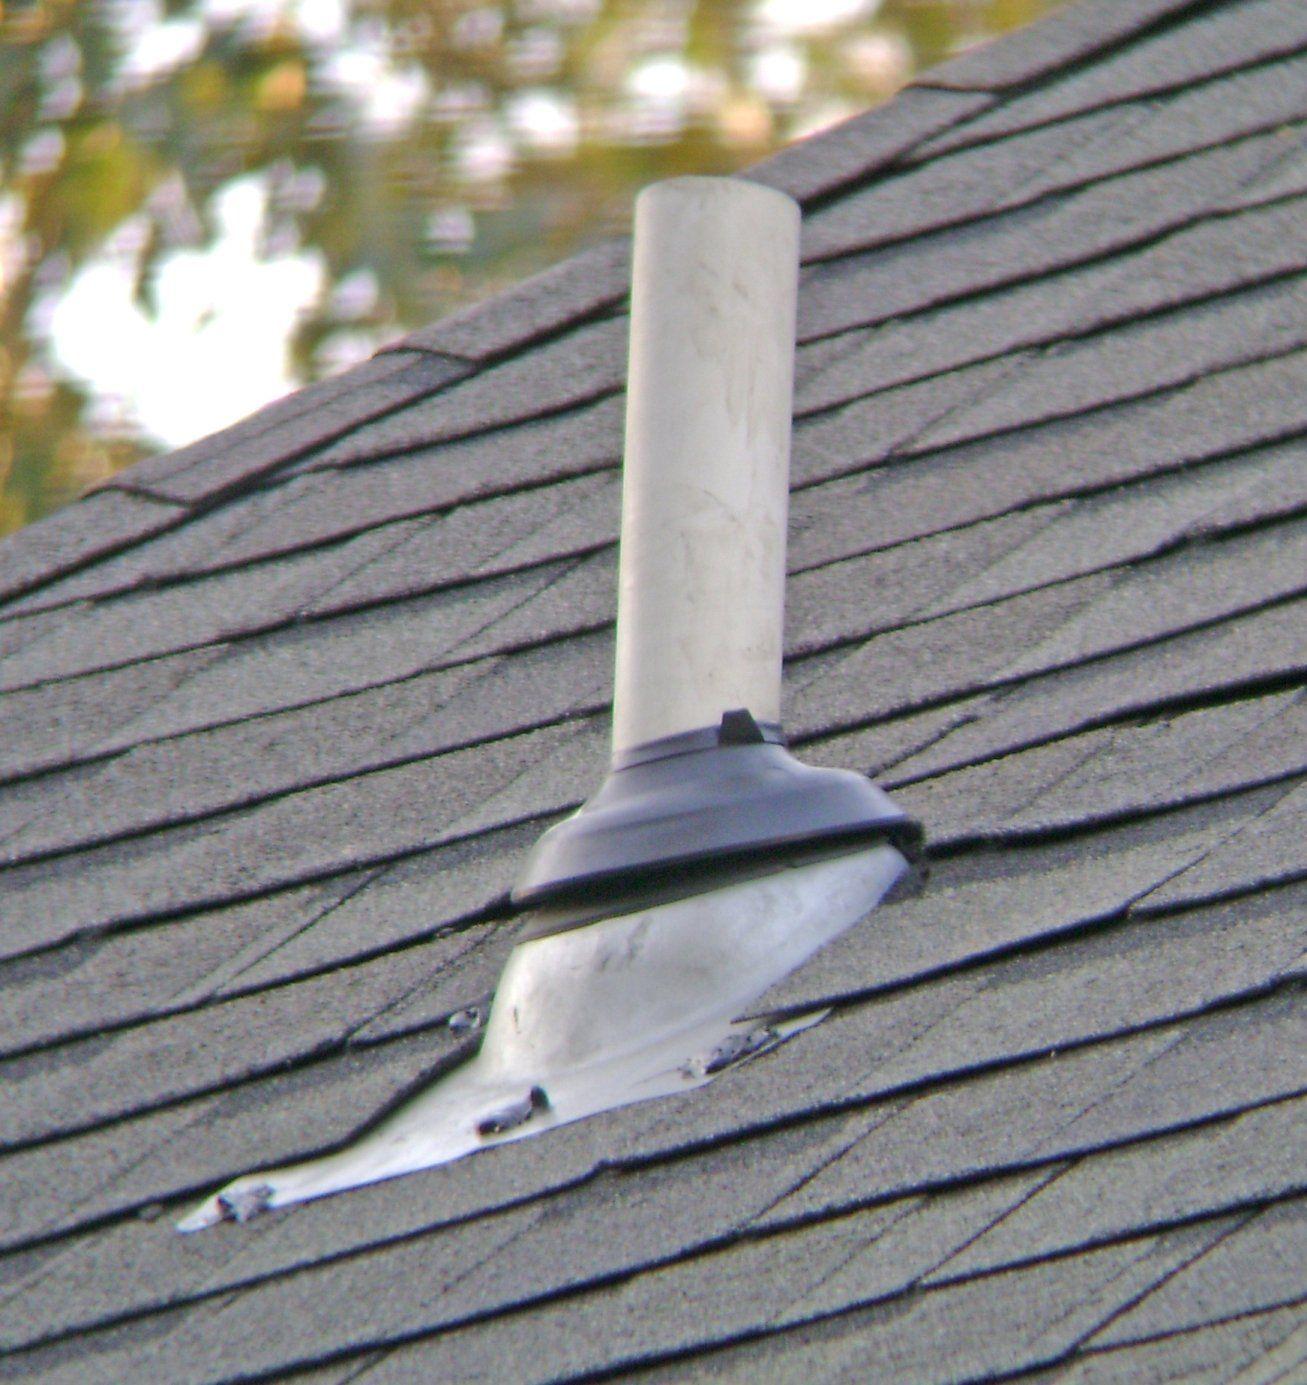 Pin On Roof Repair Leaky